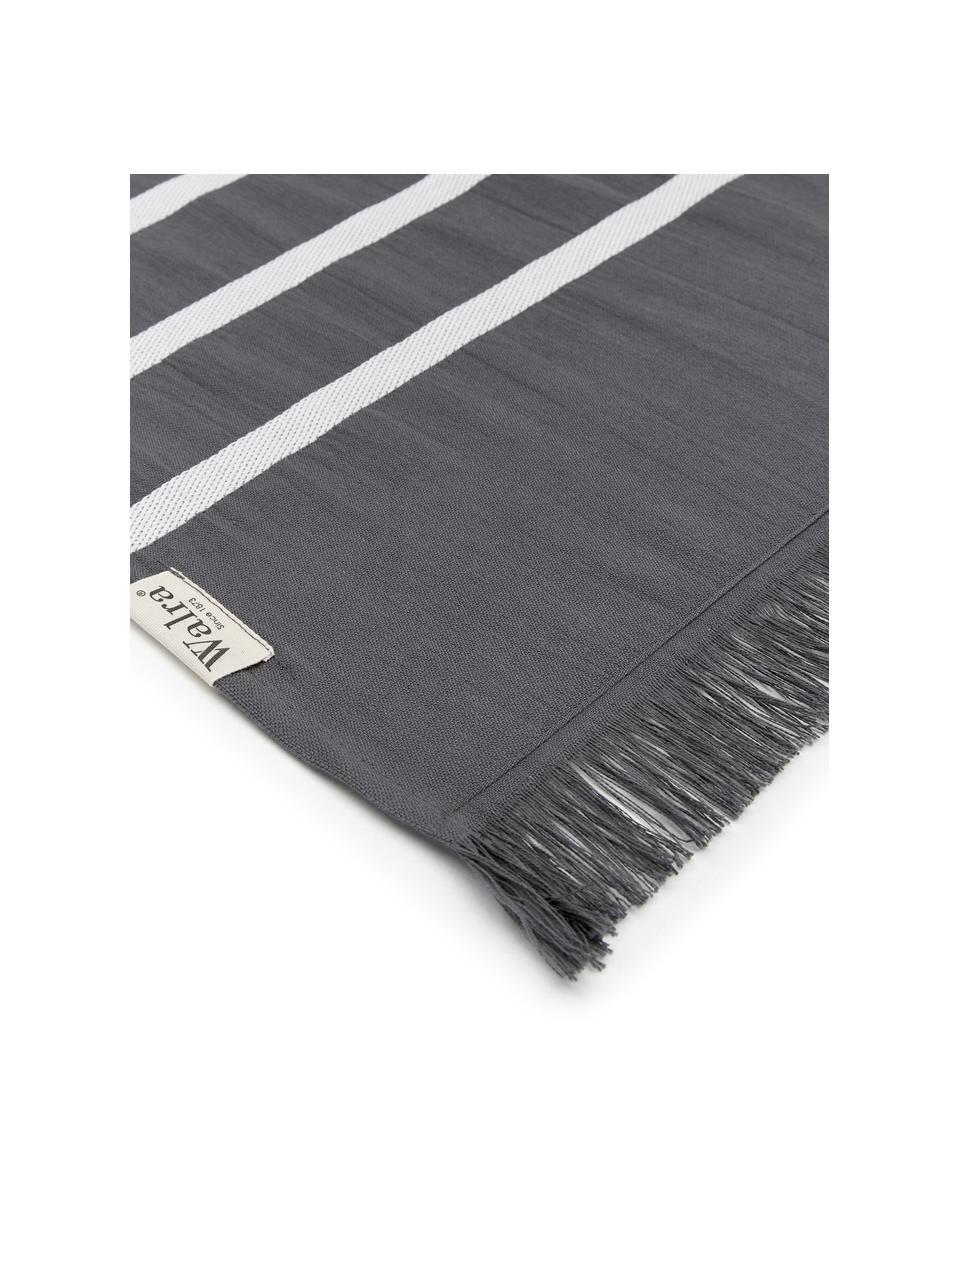 Ręcznik plażowy Filena, 100% bawełna, Antracytowy, biały, S 100 x D 180 cm